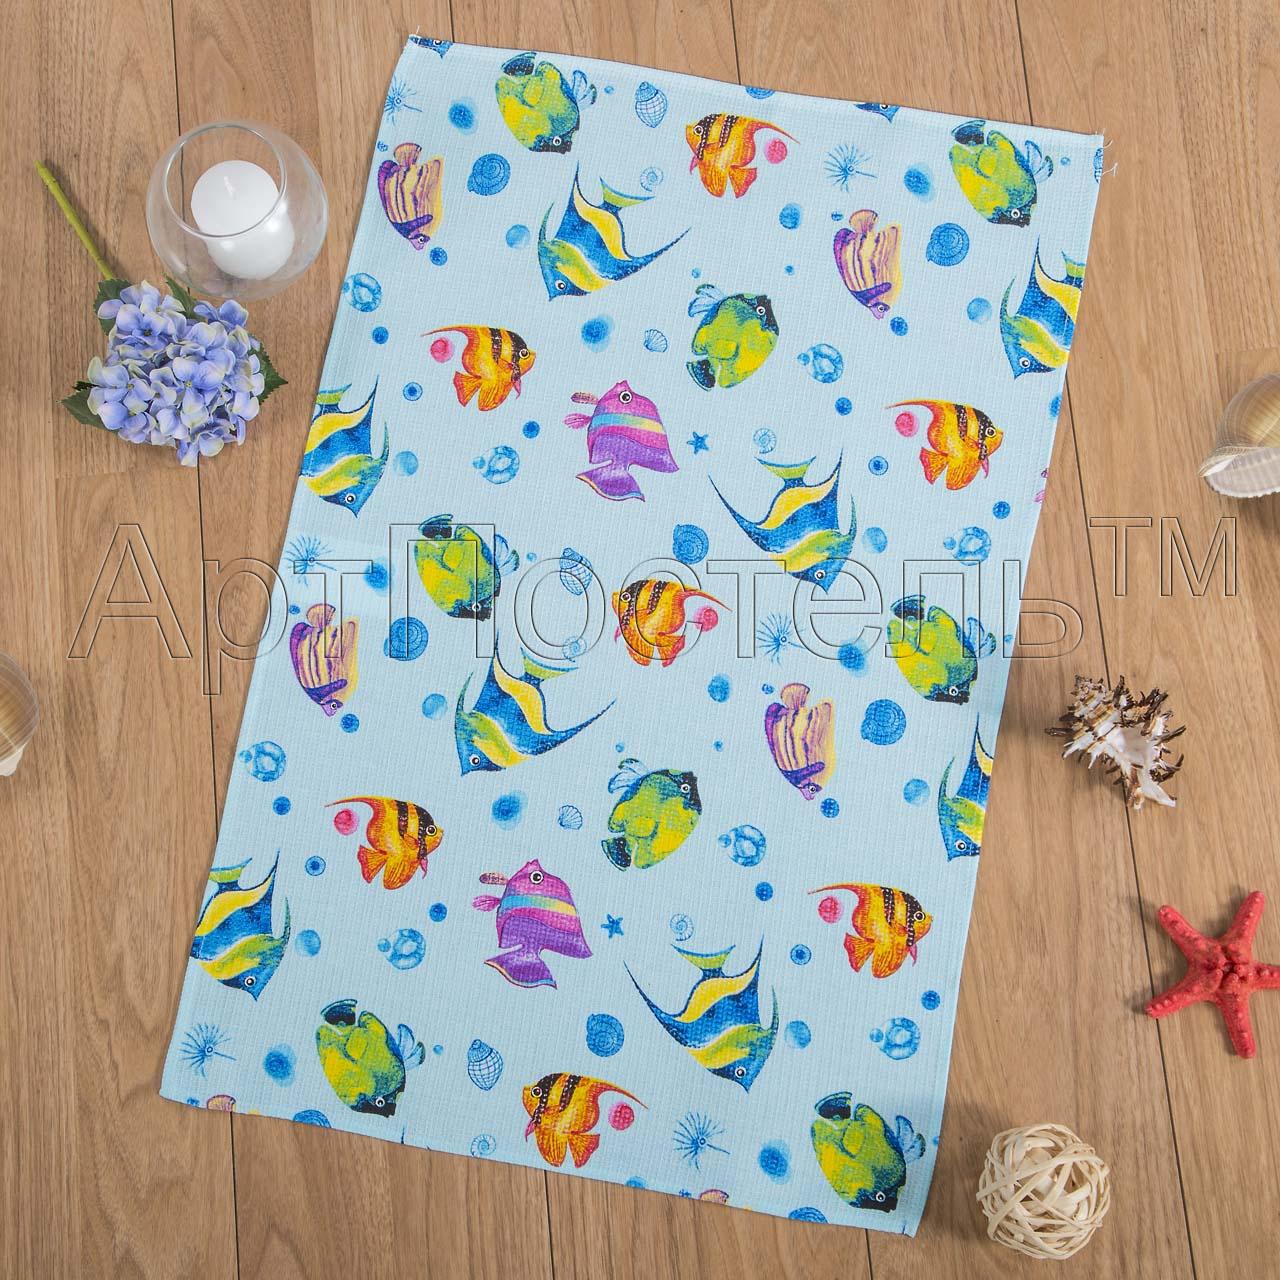 Вафельное полотенце Подводный мир р. 50х70Вафельные полотенца<br>Плотность: 160 г/кв. м<br><br>Тип: Вафельное полотенце<br>Размер: 50х70<br>Материал: Вафельное полотно